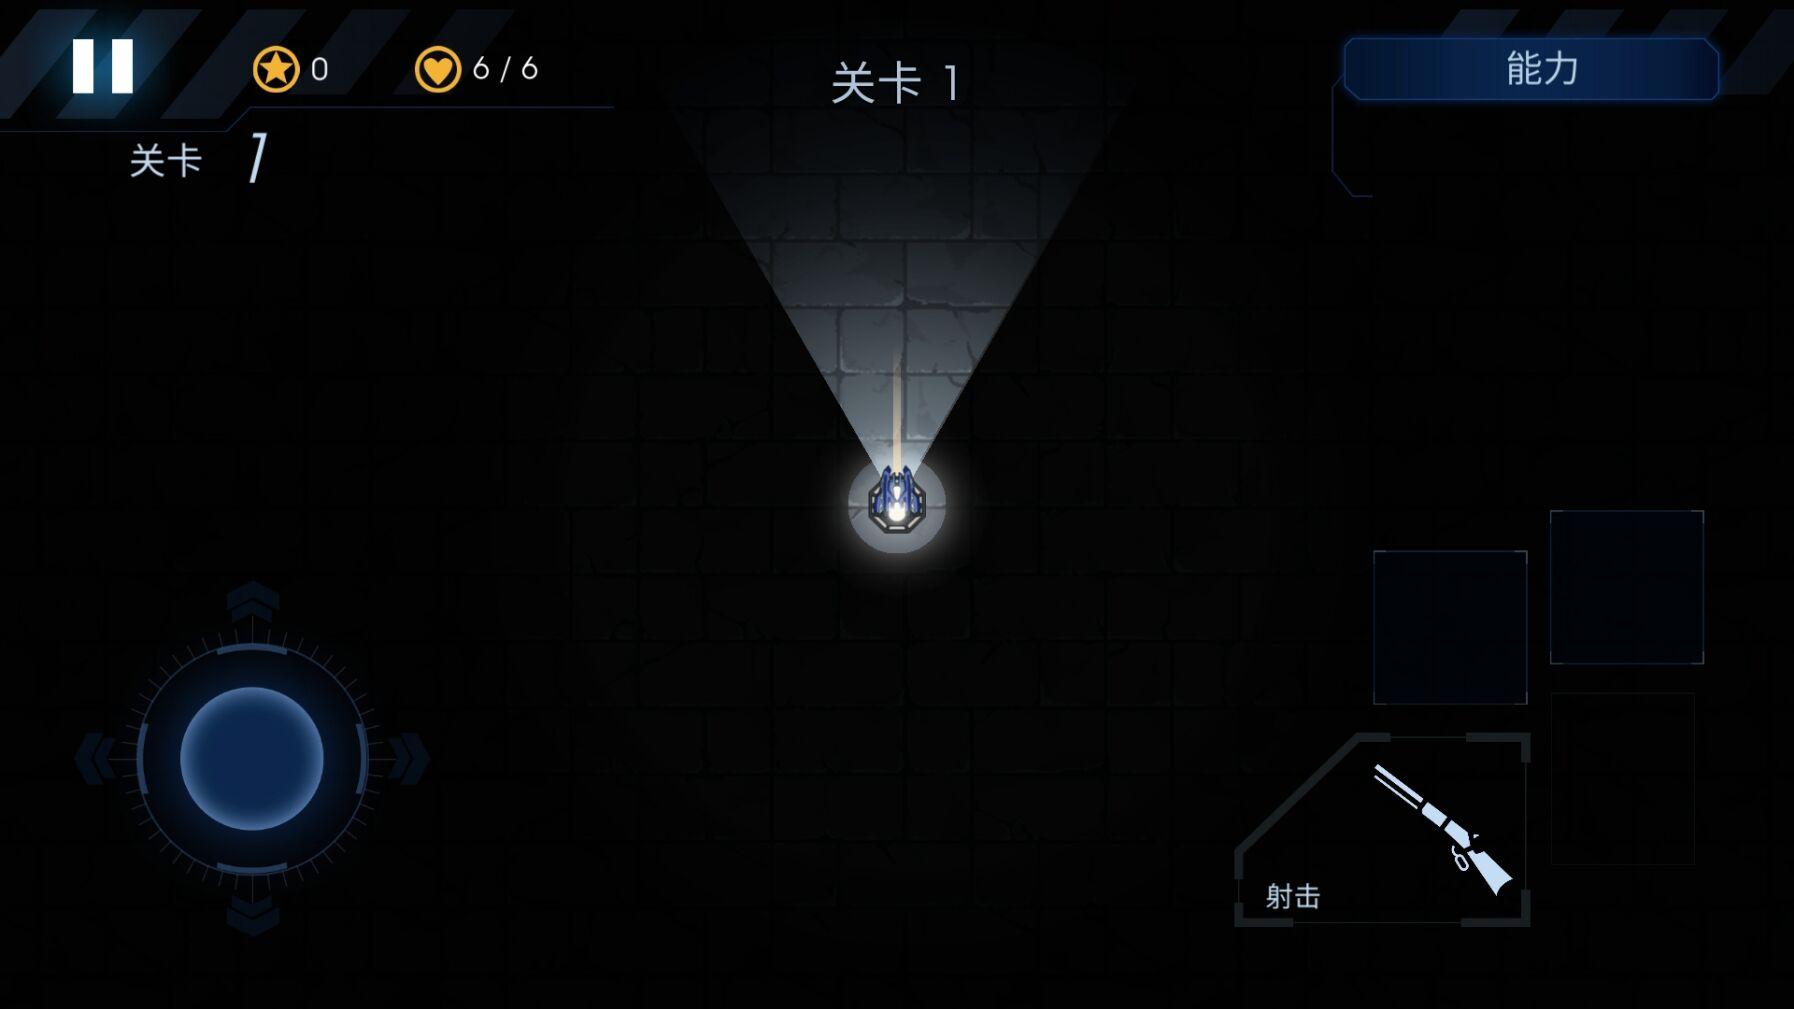 黑域生机官方安卓中文版 v1.1.2截图